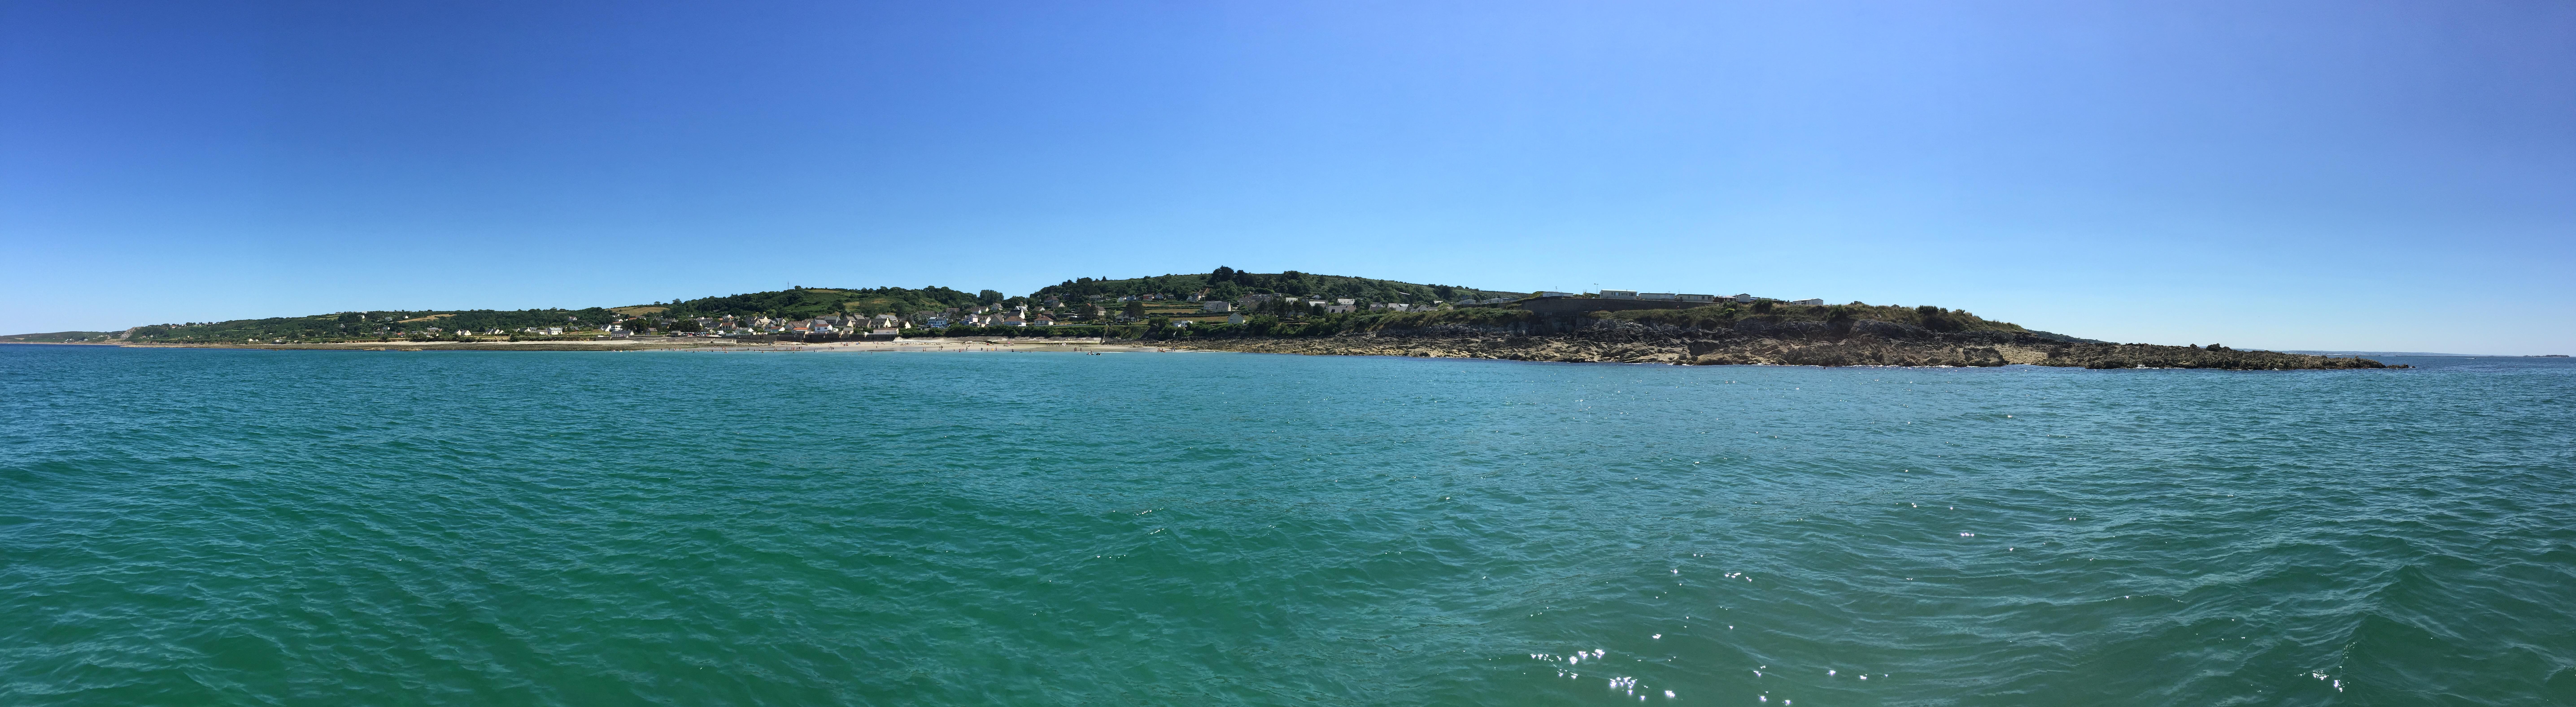 Bretteville vue de la mer